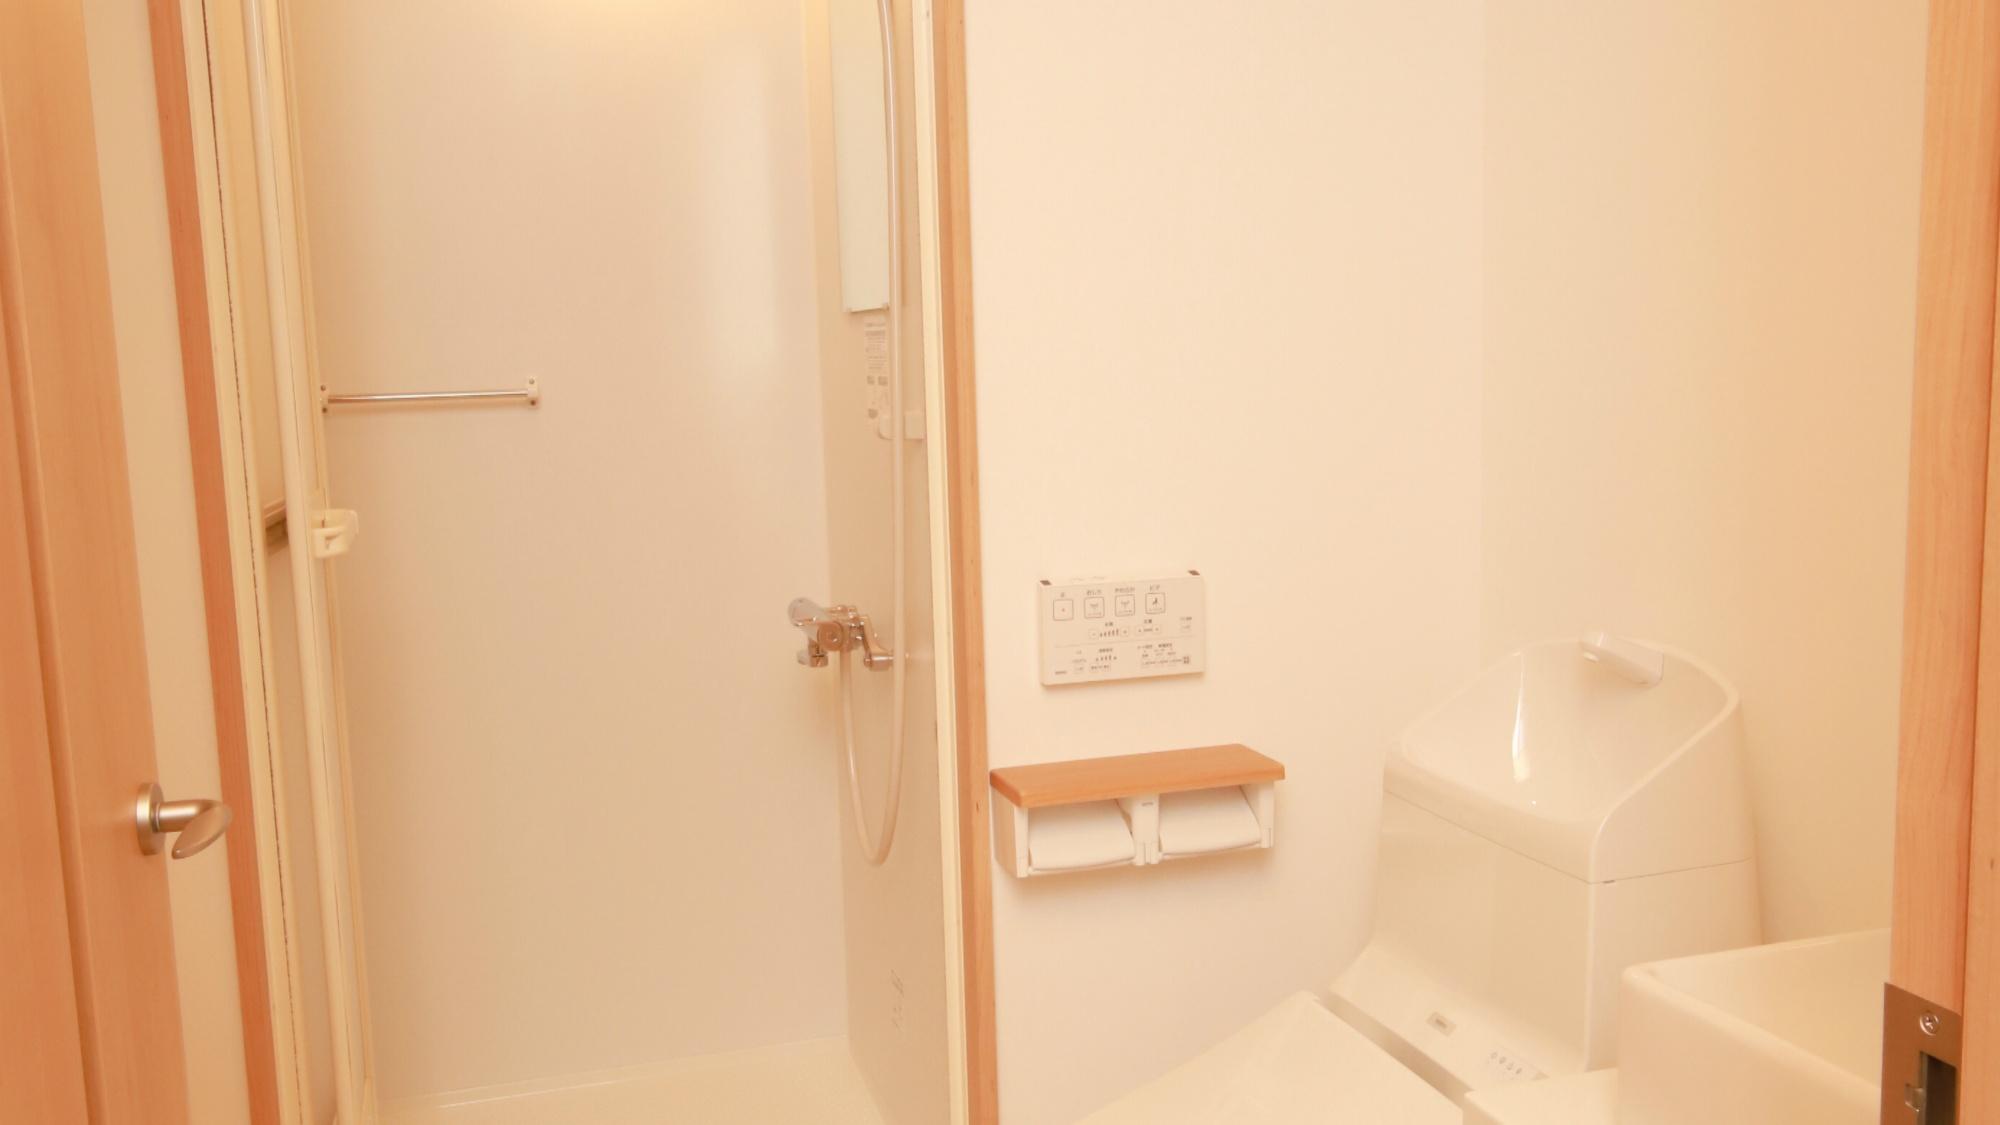 ツインルーム・ロフト付:シャワールーム・トイレ付。大浴場もございますのでぜひご利用下さい。